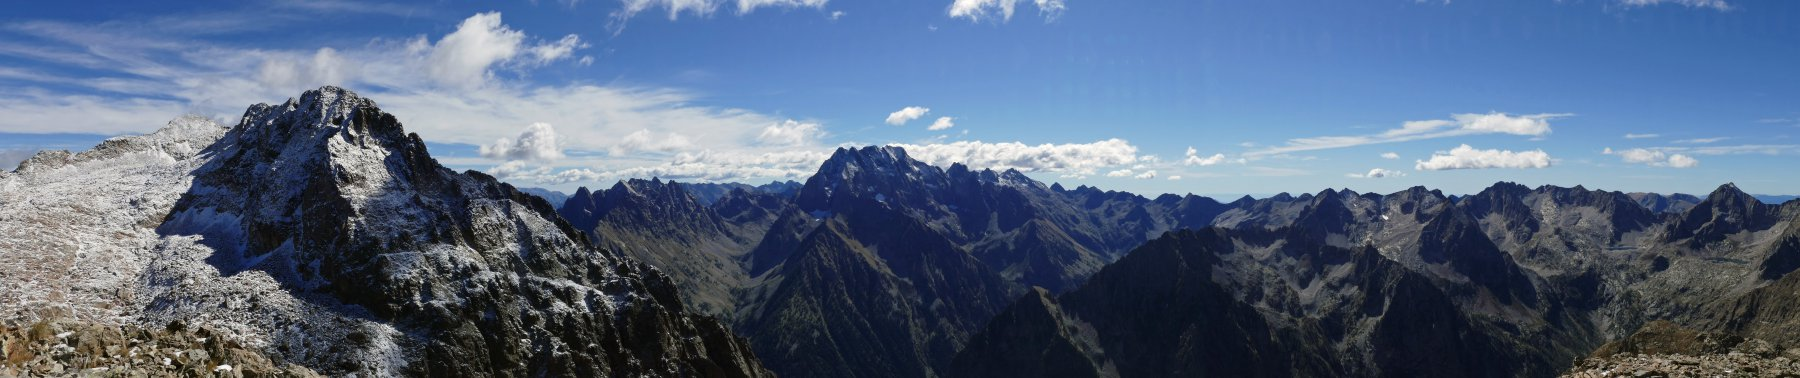 Panoramica dal colle di Valmiana